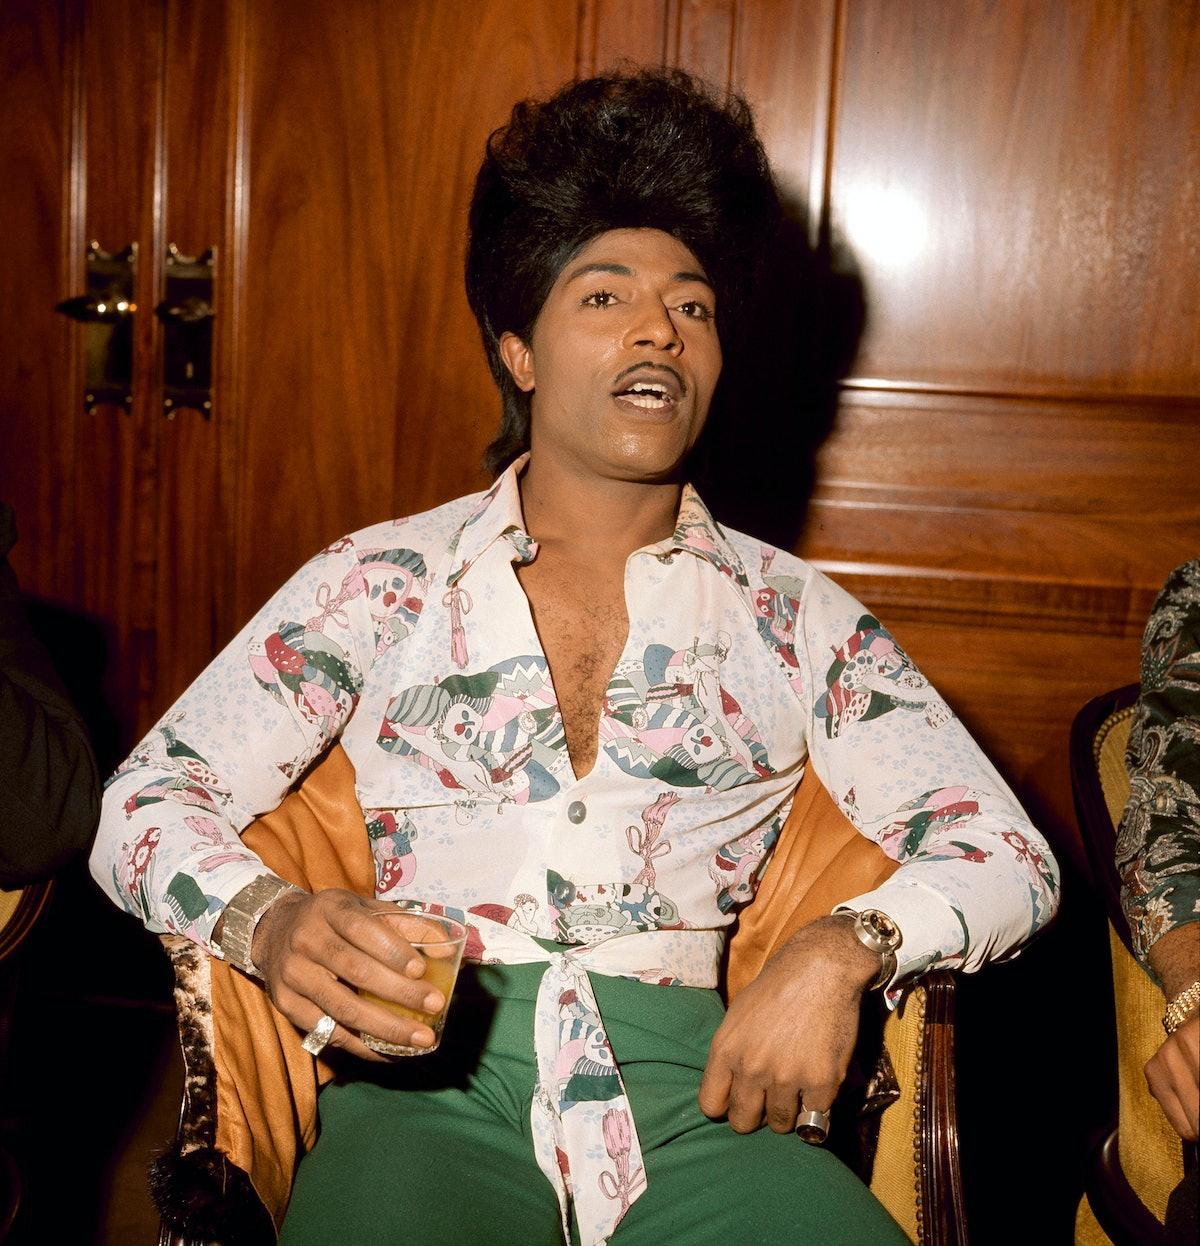 Little Richard style